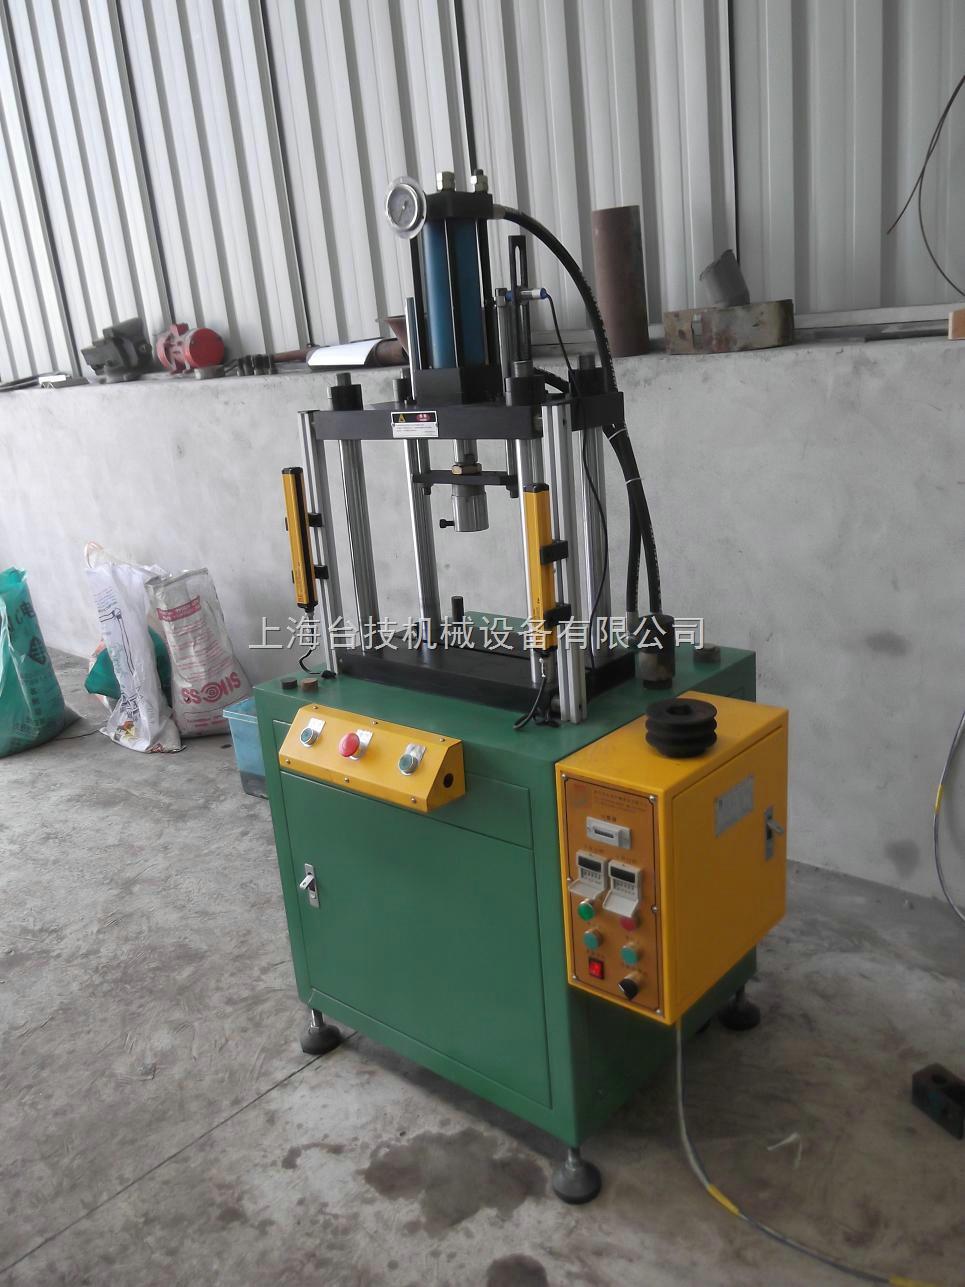 小型四柱油压机适用范围: 本系列小型四柱油压机广泛适用于各种材料的冲孔,压印,整形,铆接.弯曲,剪切,拉伸,各种小型零部件的压装、装配.是一种多用途压床, .该系列小型四柱油压机是一款适用性极强的单轴装配设备,集气压,油压优点为一身,是广大厂商提高质量的优选产品. 小型四柱油压机产品特点: 1.